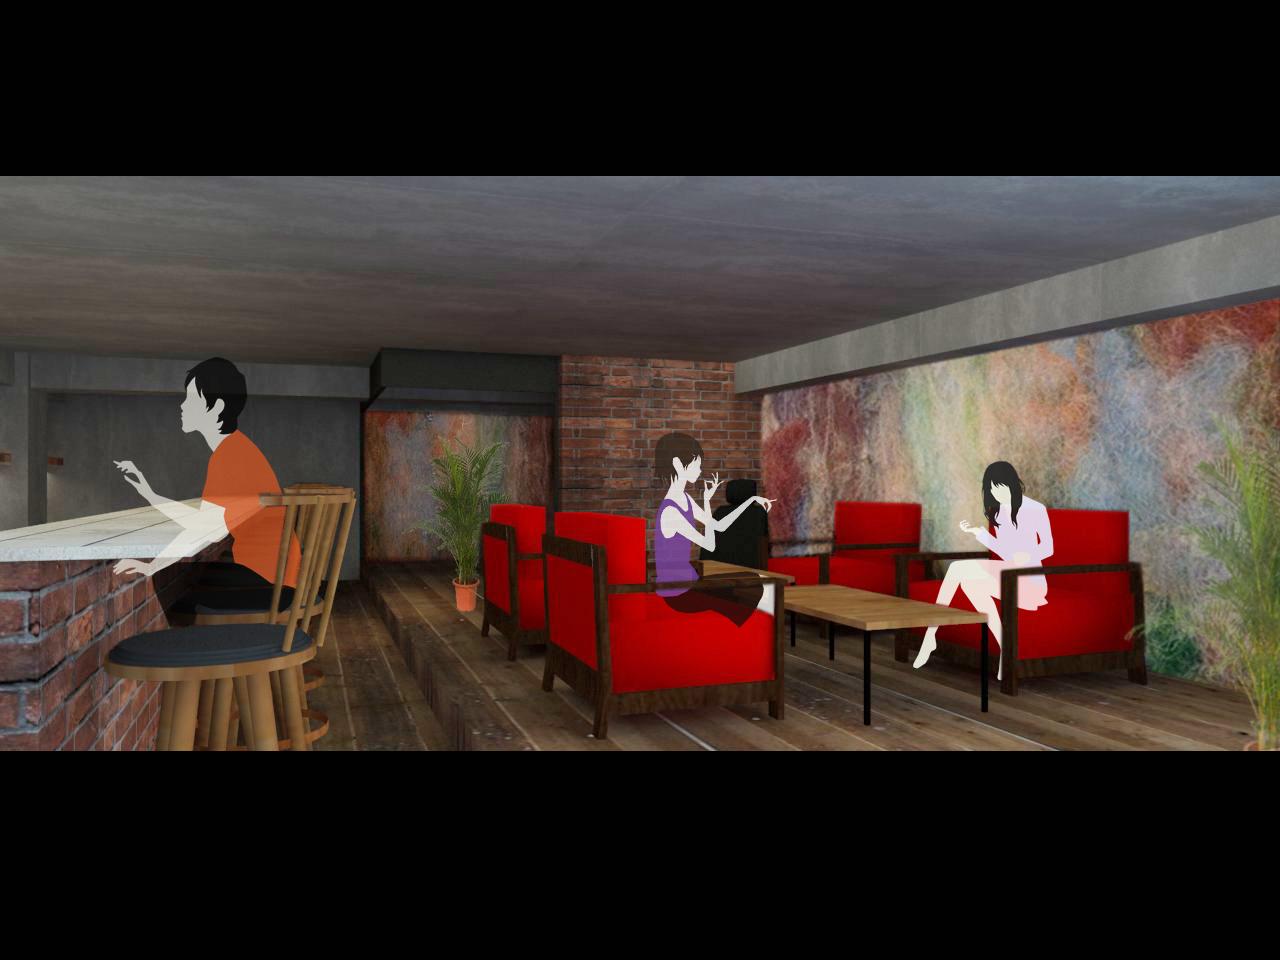 六本木 バー CG 飲み屋 カフェ 古材 いい感じ デザイナーズ